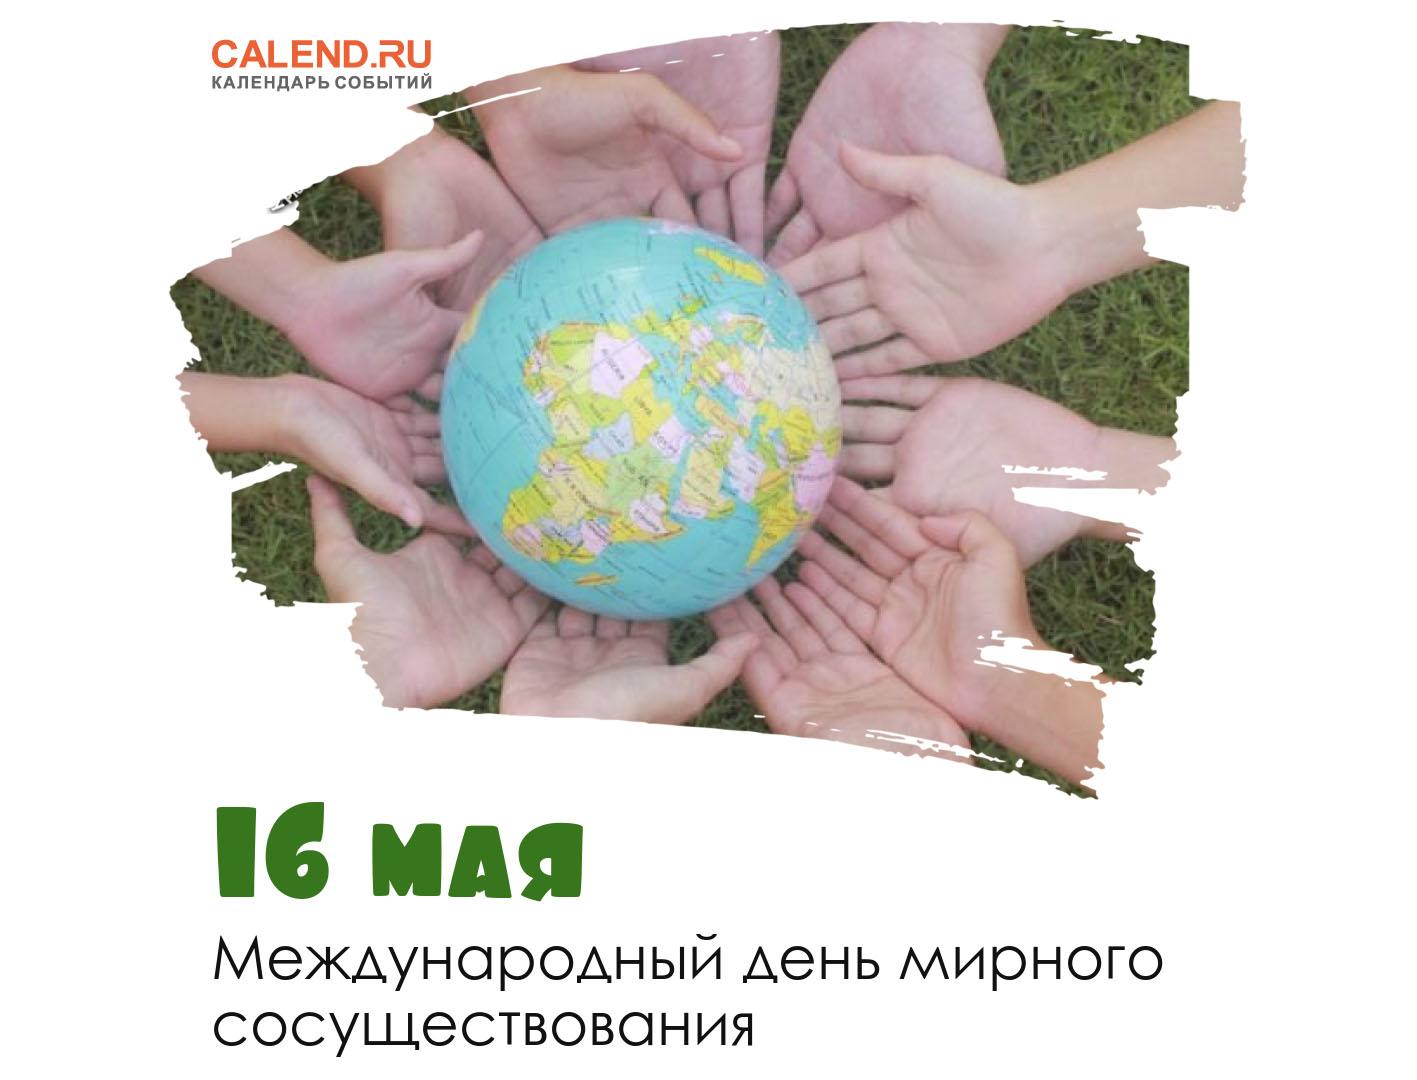 16 мая - Международный день мирного сосуществования